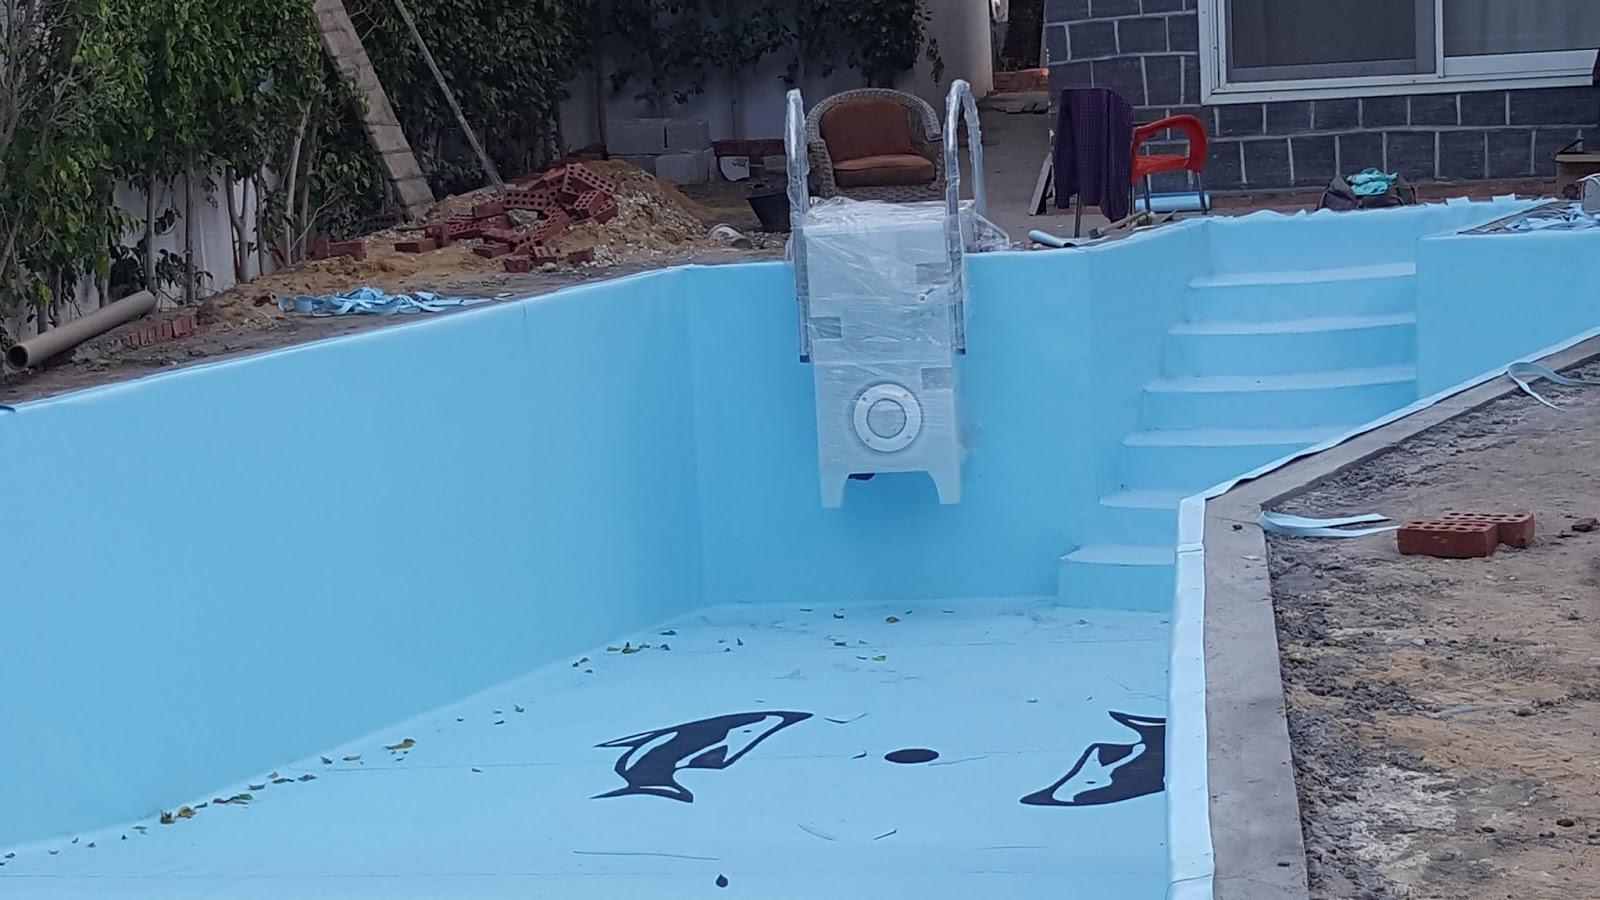 حمامات سباحة ايجي سويم ازاى تحسب تكلفة انشاء حمام السباحة